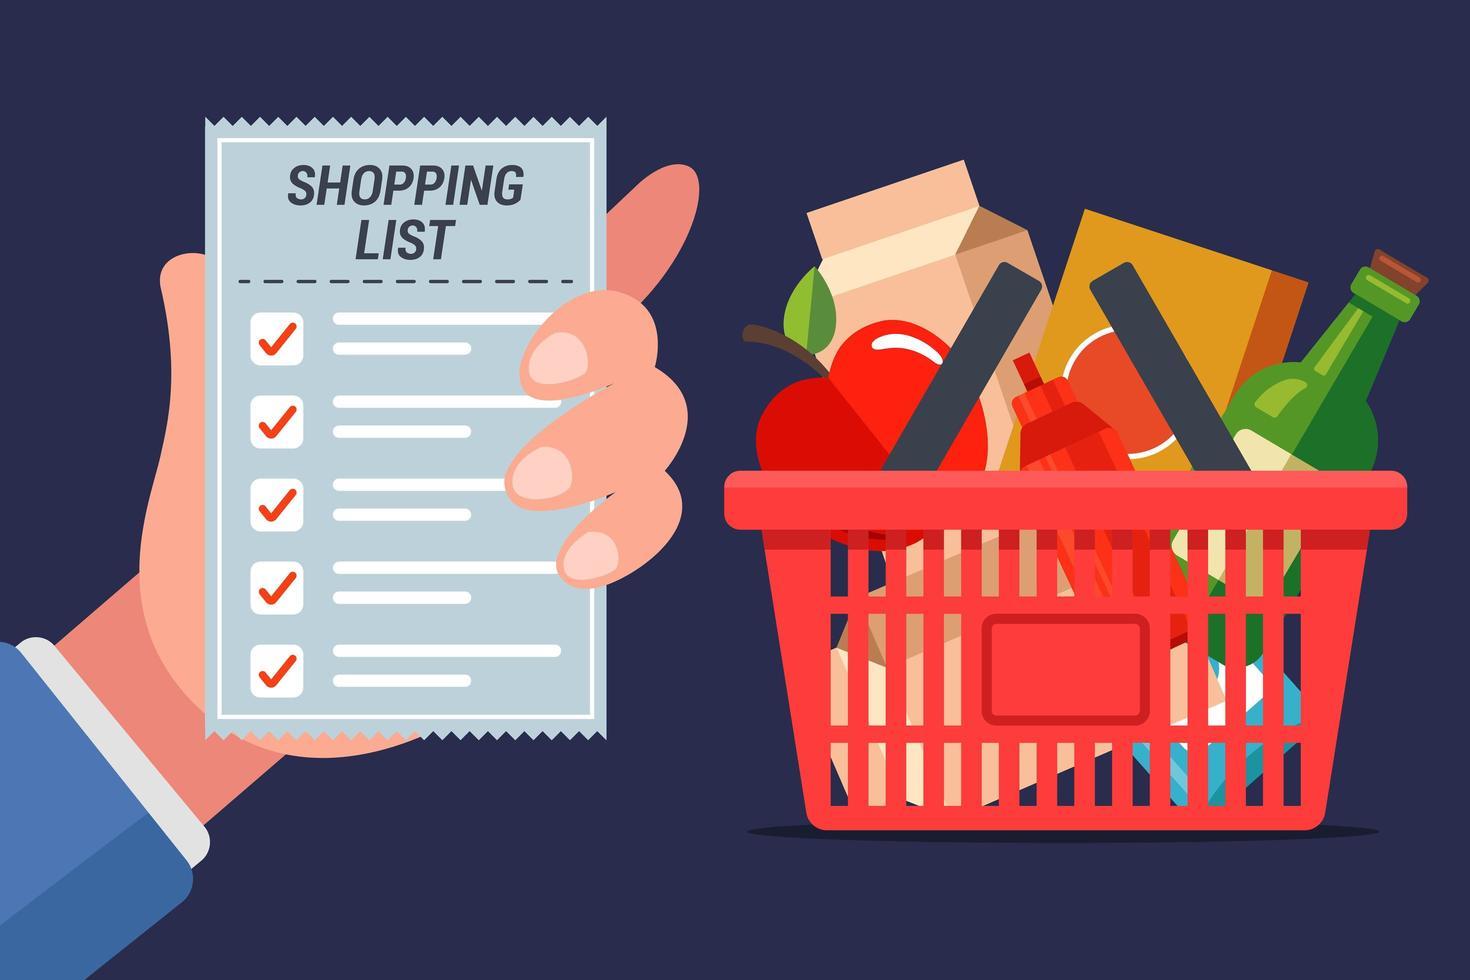 kruidenierswinkelkaart vol met eten met lijst met handjes vector